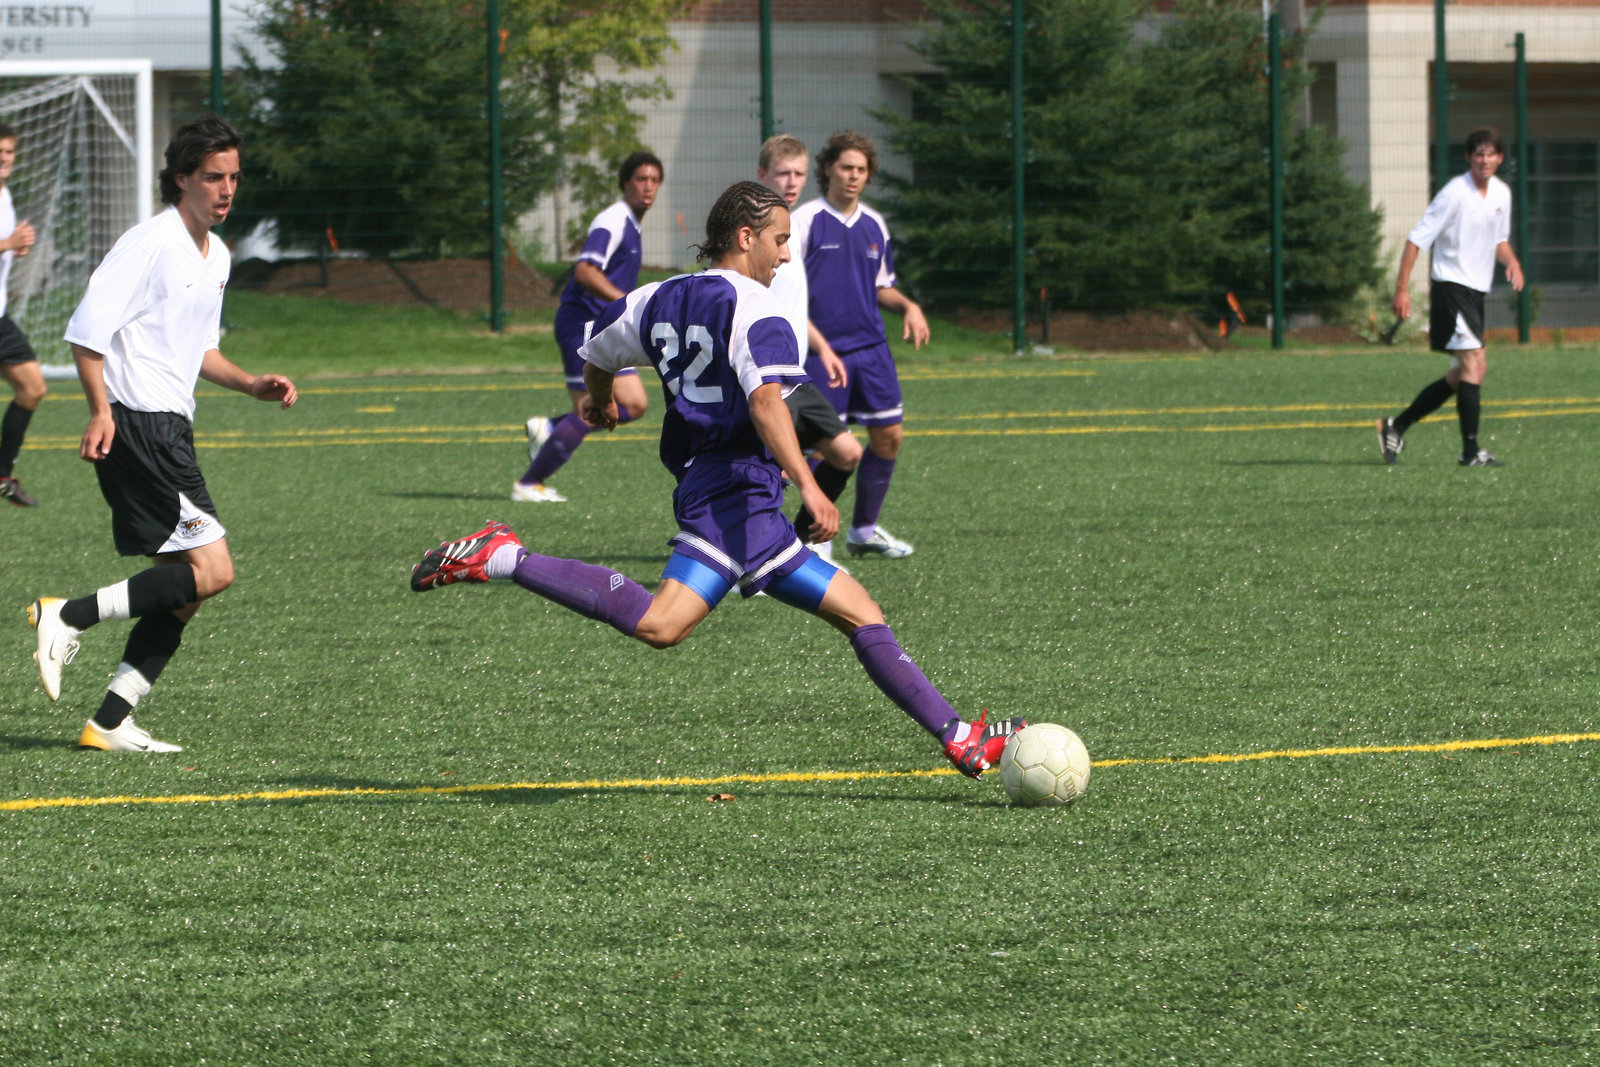 Wilfrid Laurier University men's soccer game